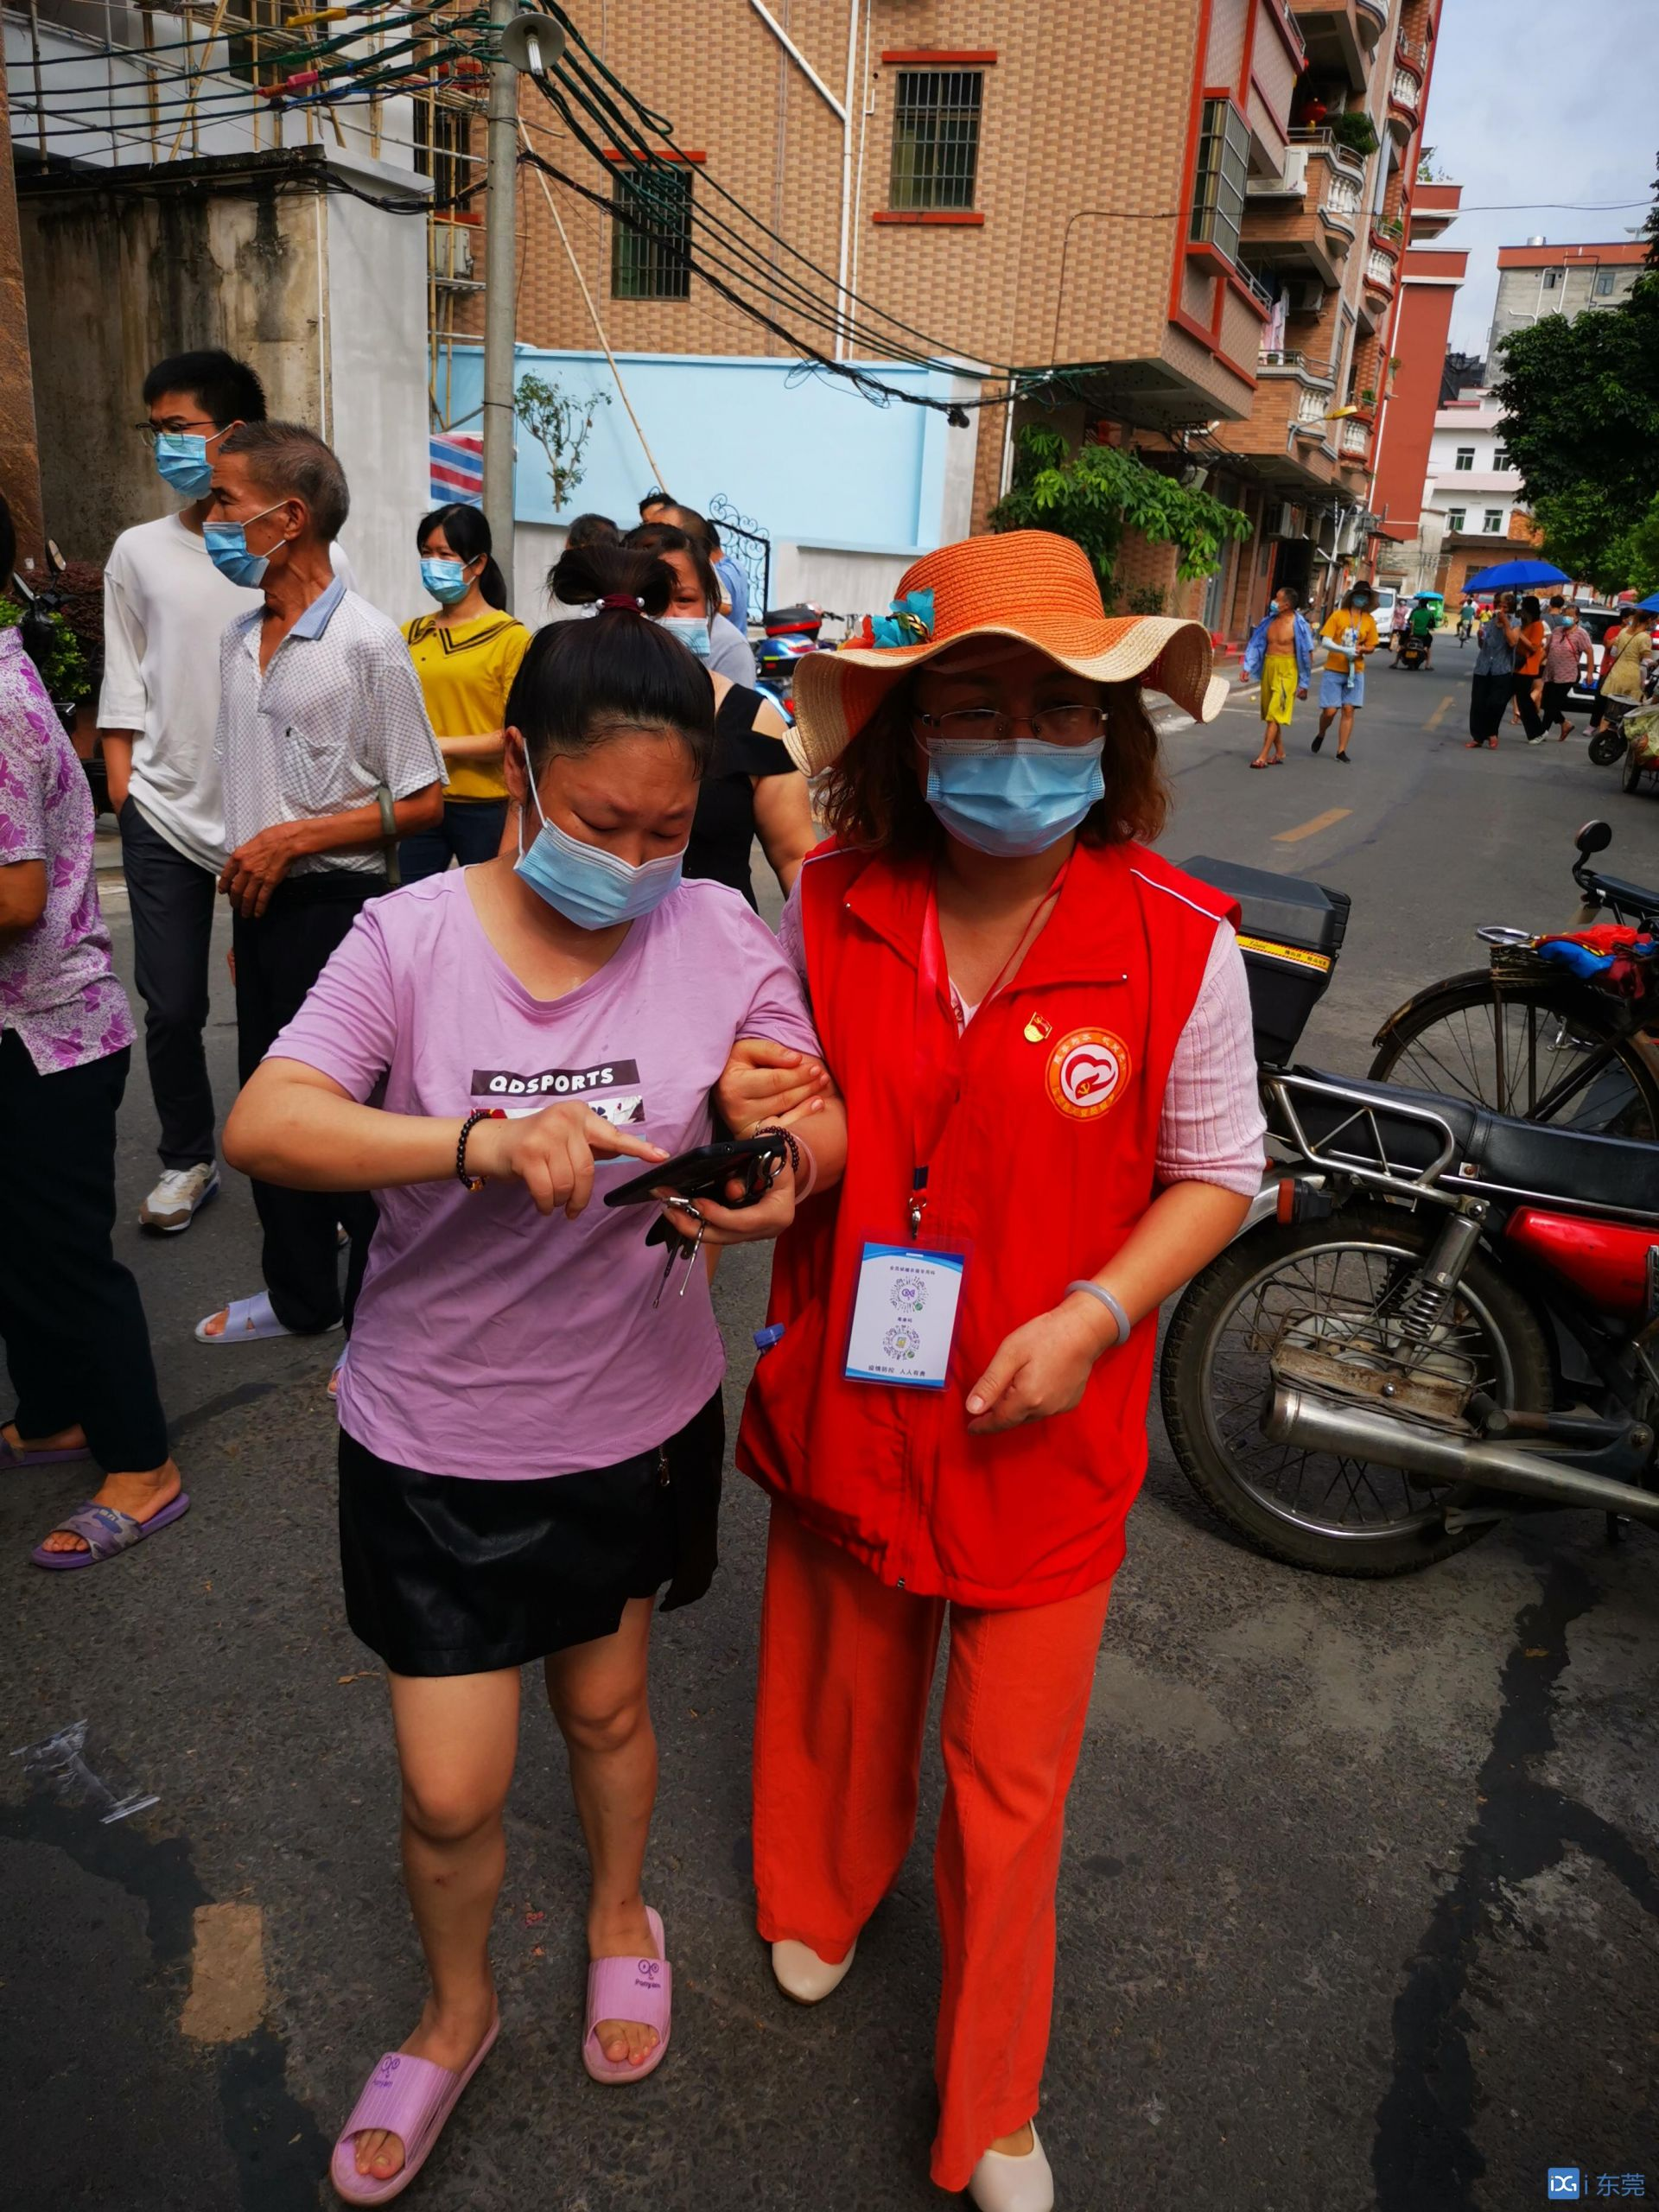 与疫情赛跑,东莞市工商联系统迅速投入抗疫一线